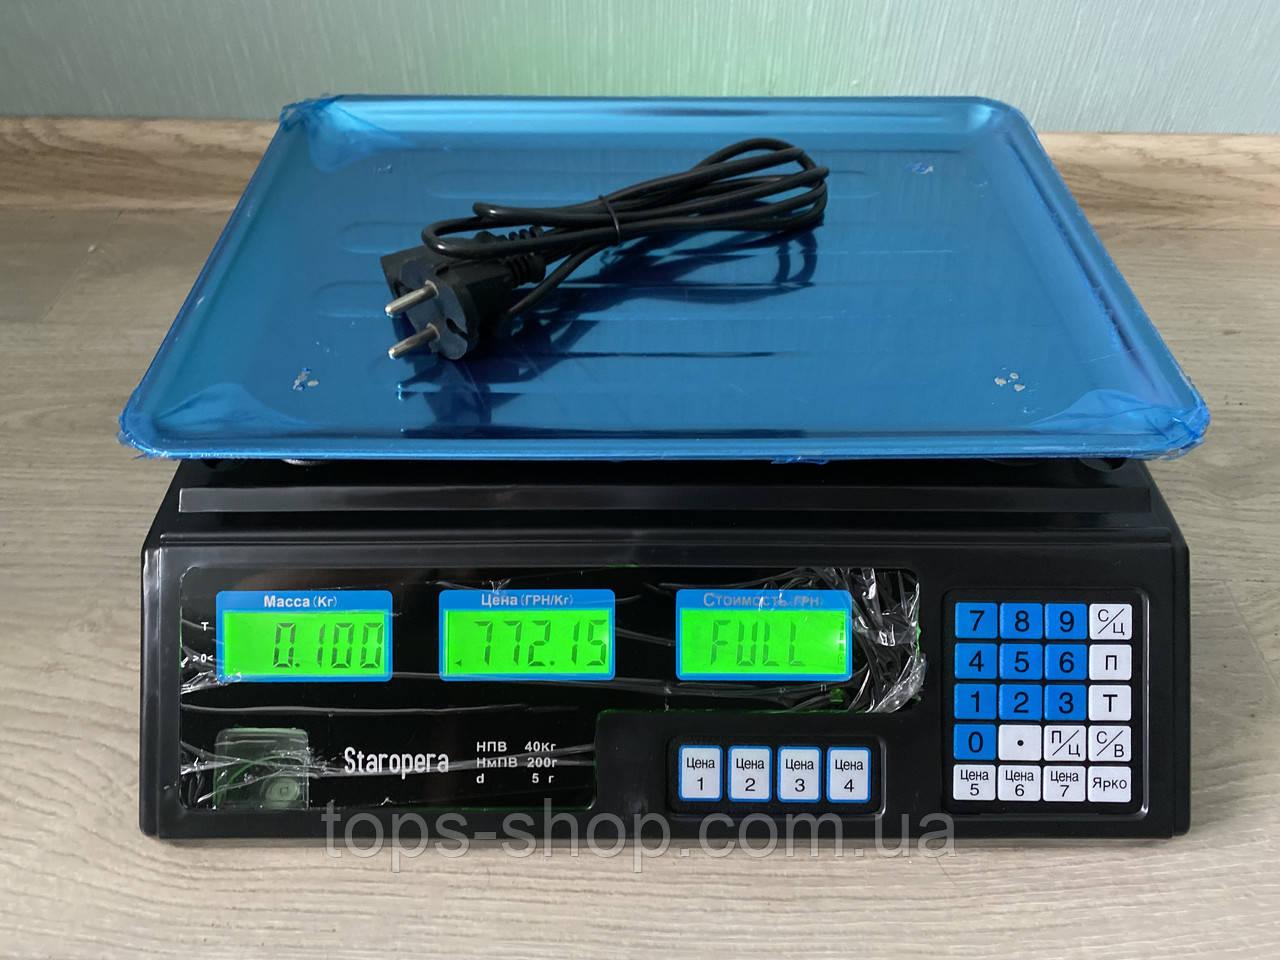 Торгові Електронні Акумуляторні Вага до 50 кг, Електронні ваги ACS 50, Підлогові ваги